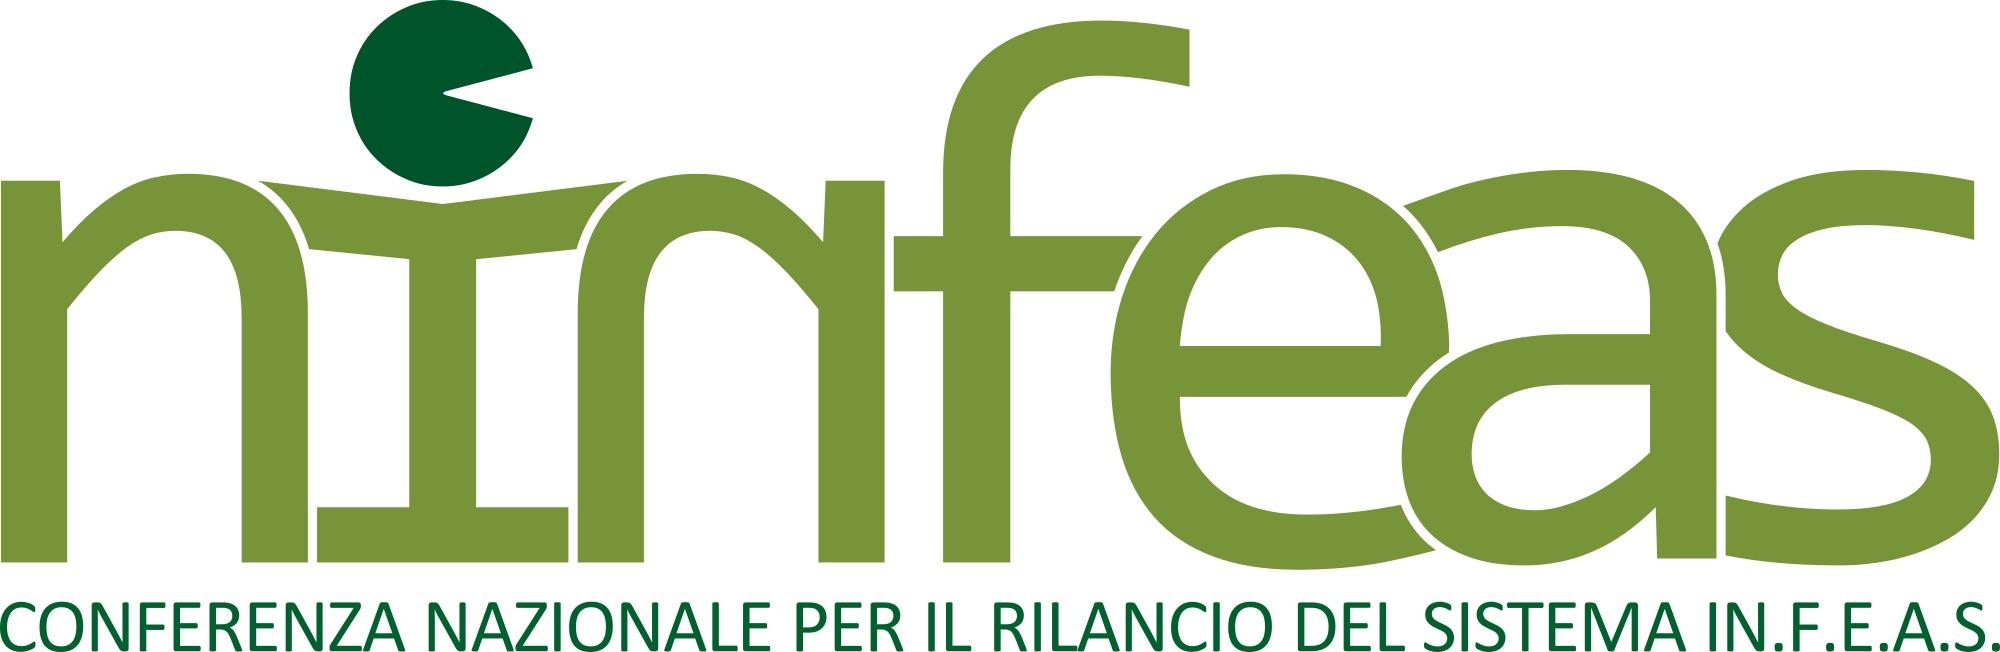 Ninfeas, Conferenza nazionale per il rilancio del sistema Infeas